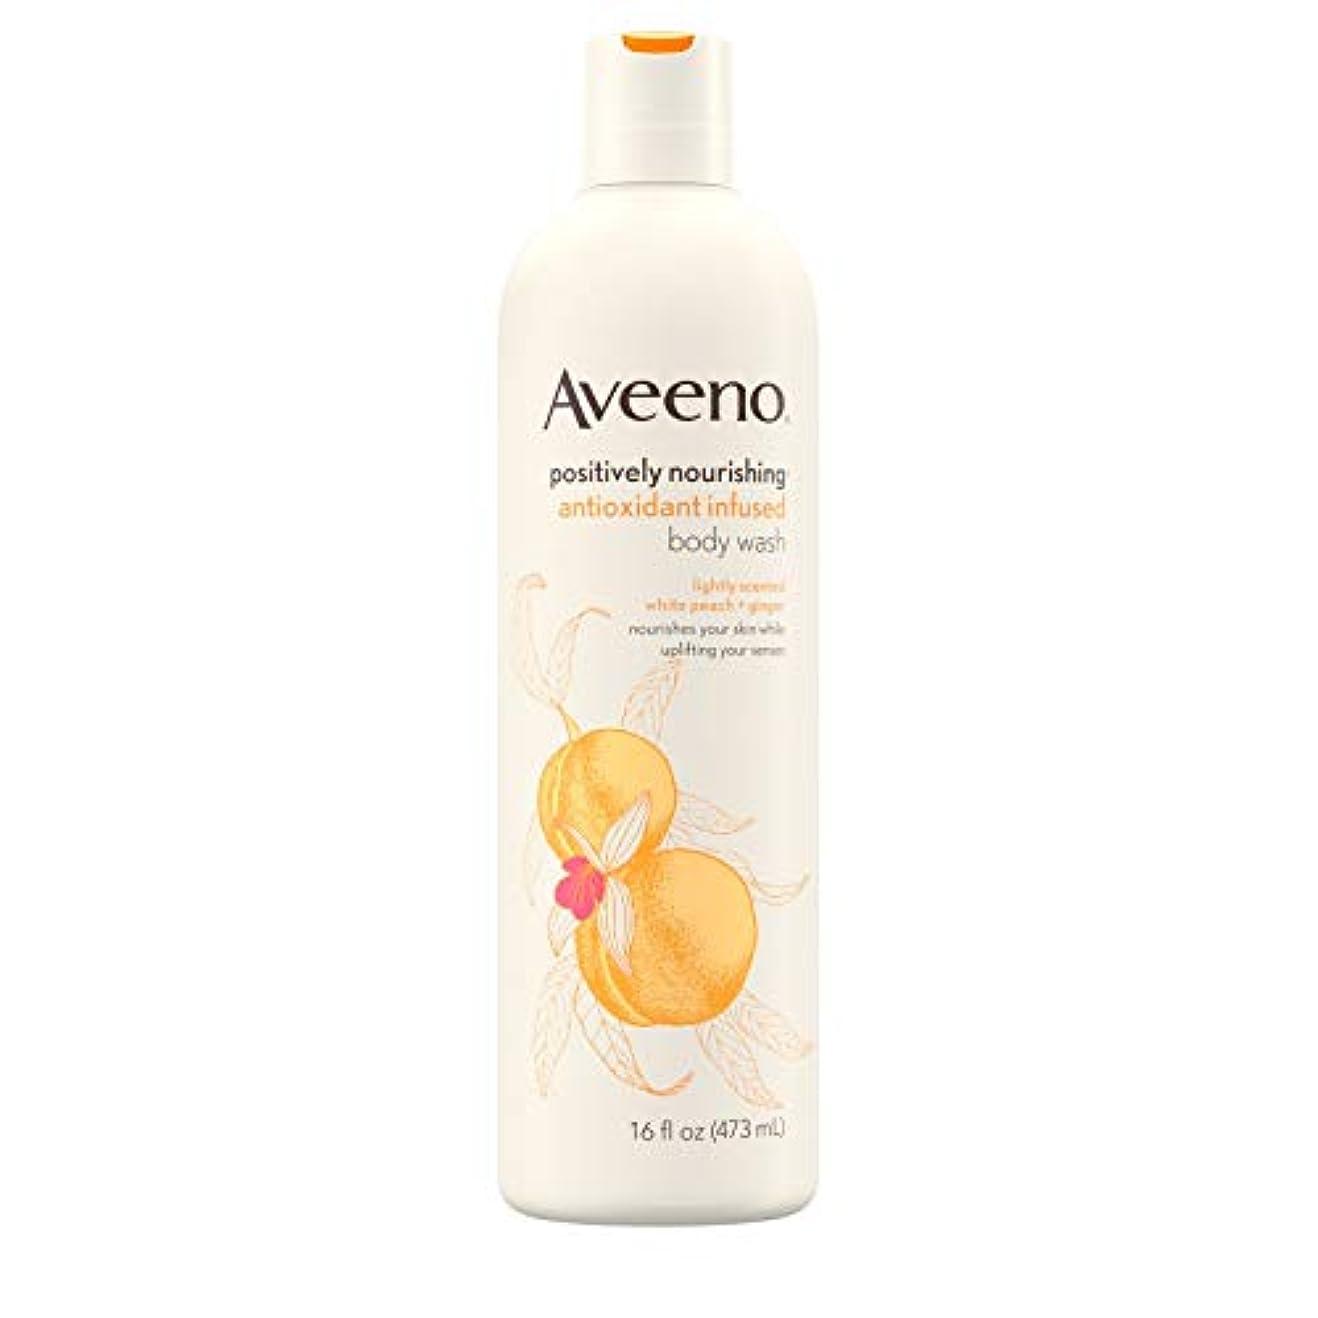 コピー損失バーチャルAveeno Positively Nourishing Antioxidant Infused Body Wash, 16 Oz by Aveeno